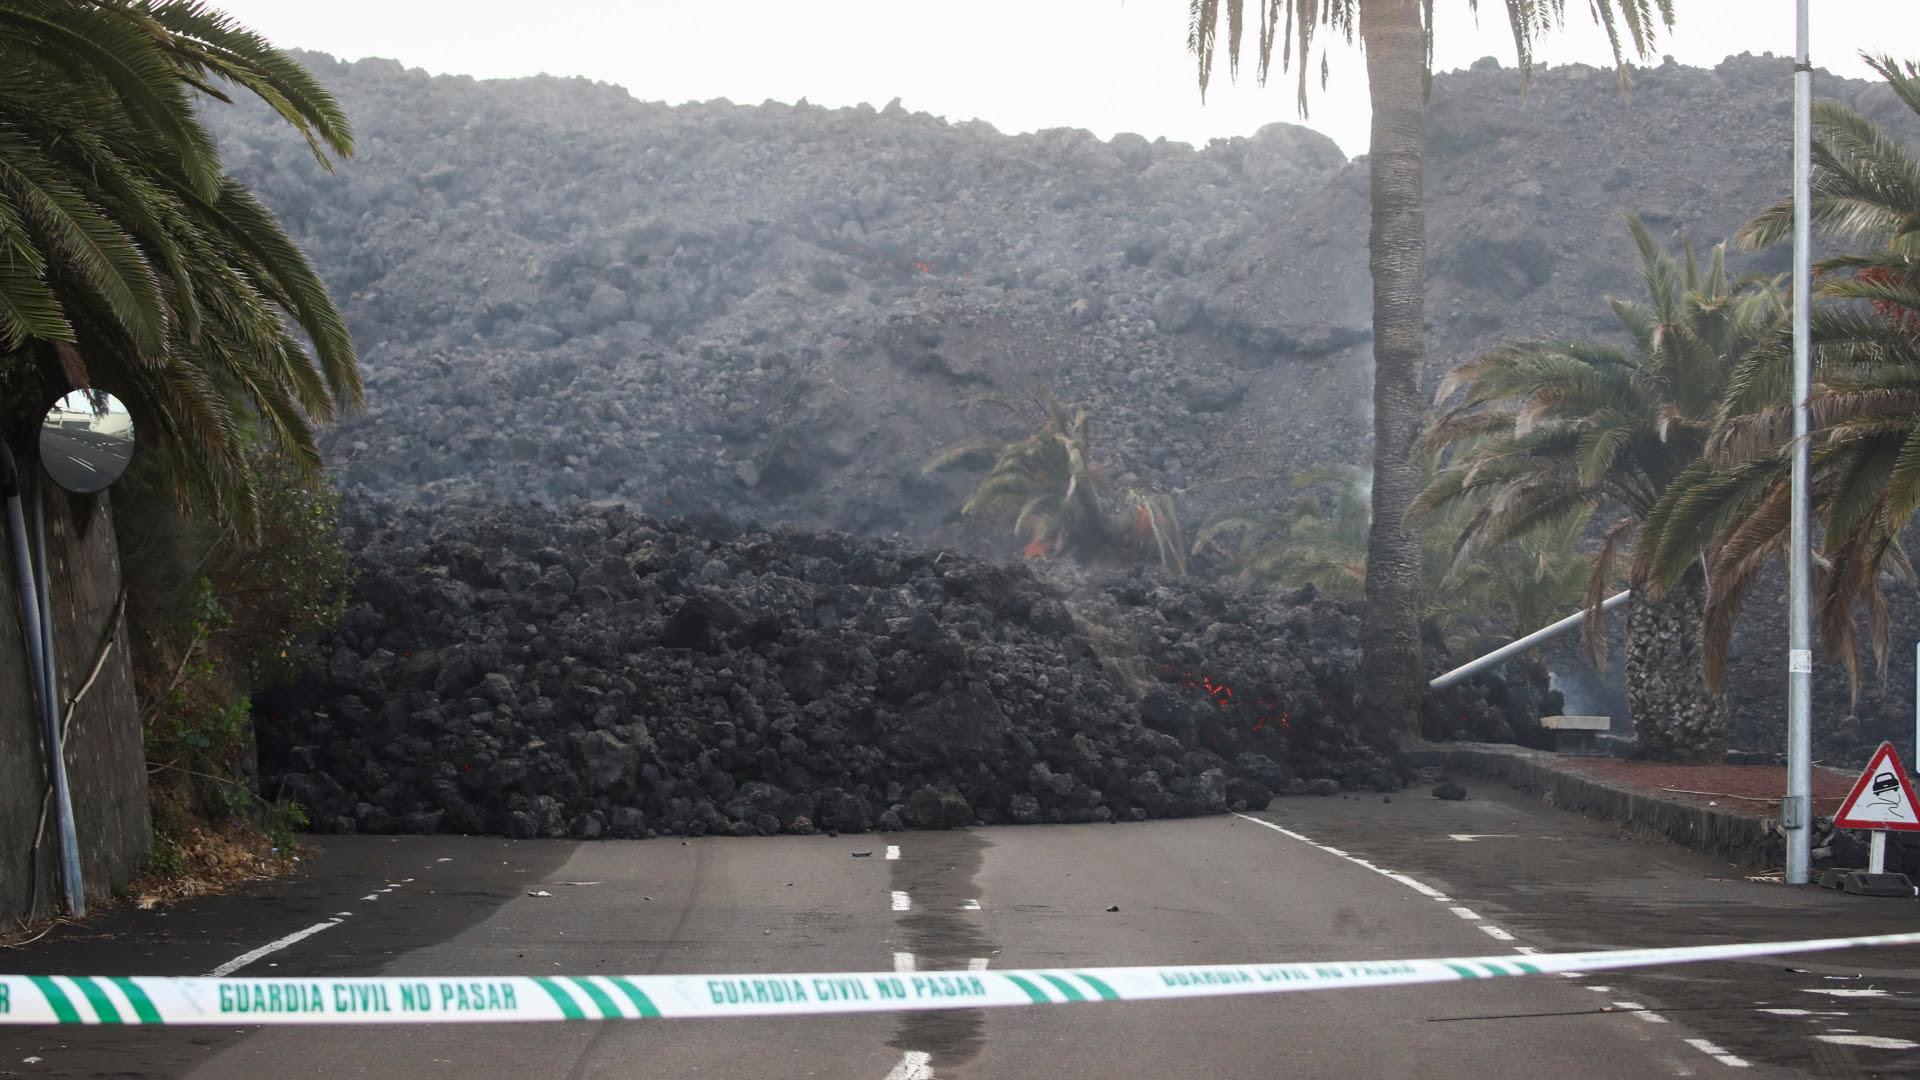 Vulkanausbruch auf La Palma: Weitere Evakuierungen - neue Erdstöße